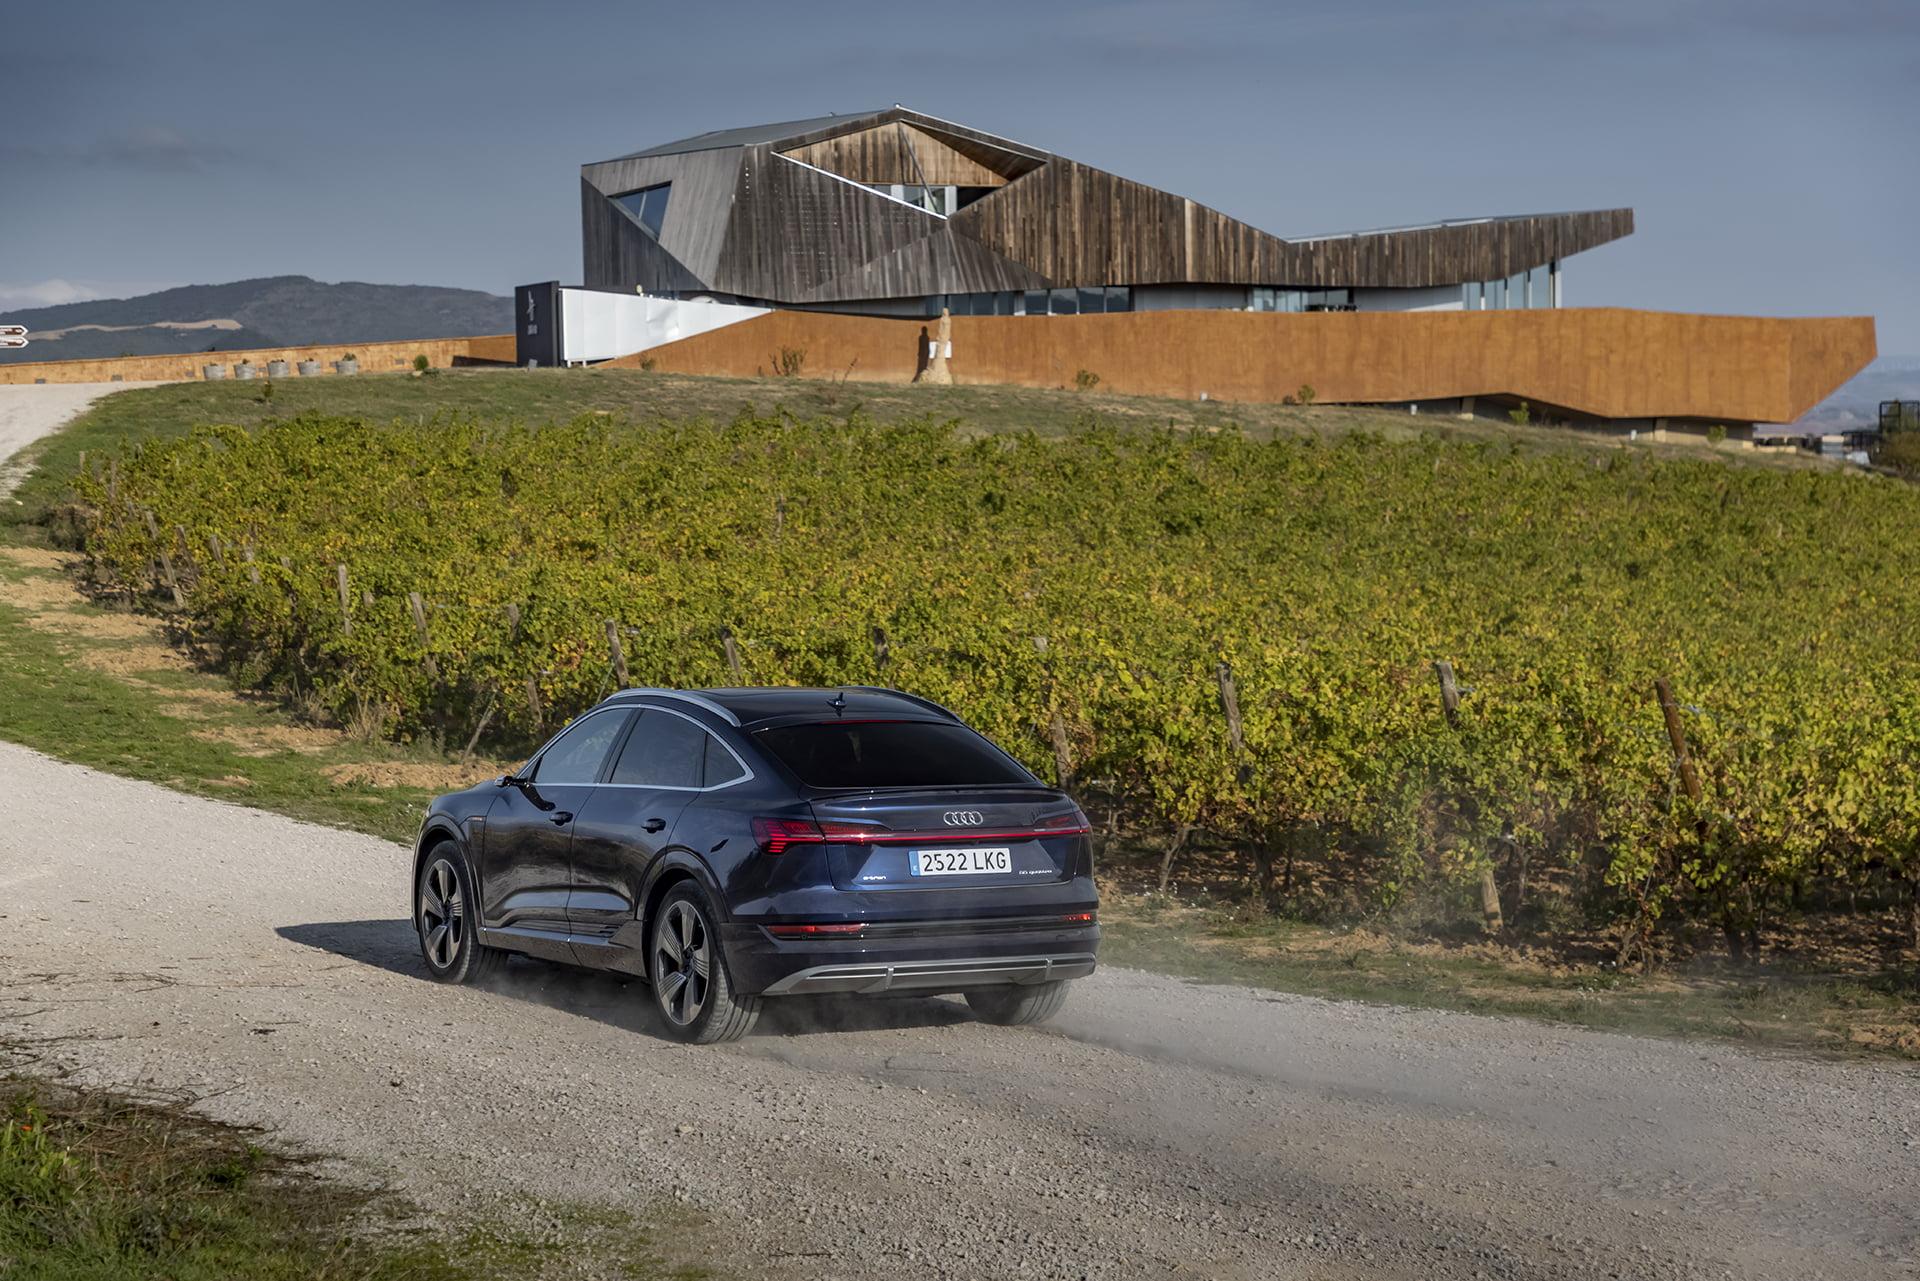 El e-tron Sportback es el segundo modelo 100% eléctrico de Audi.